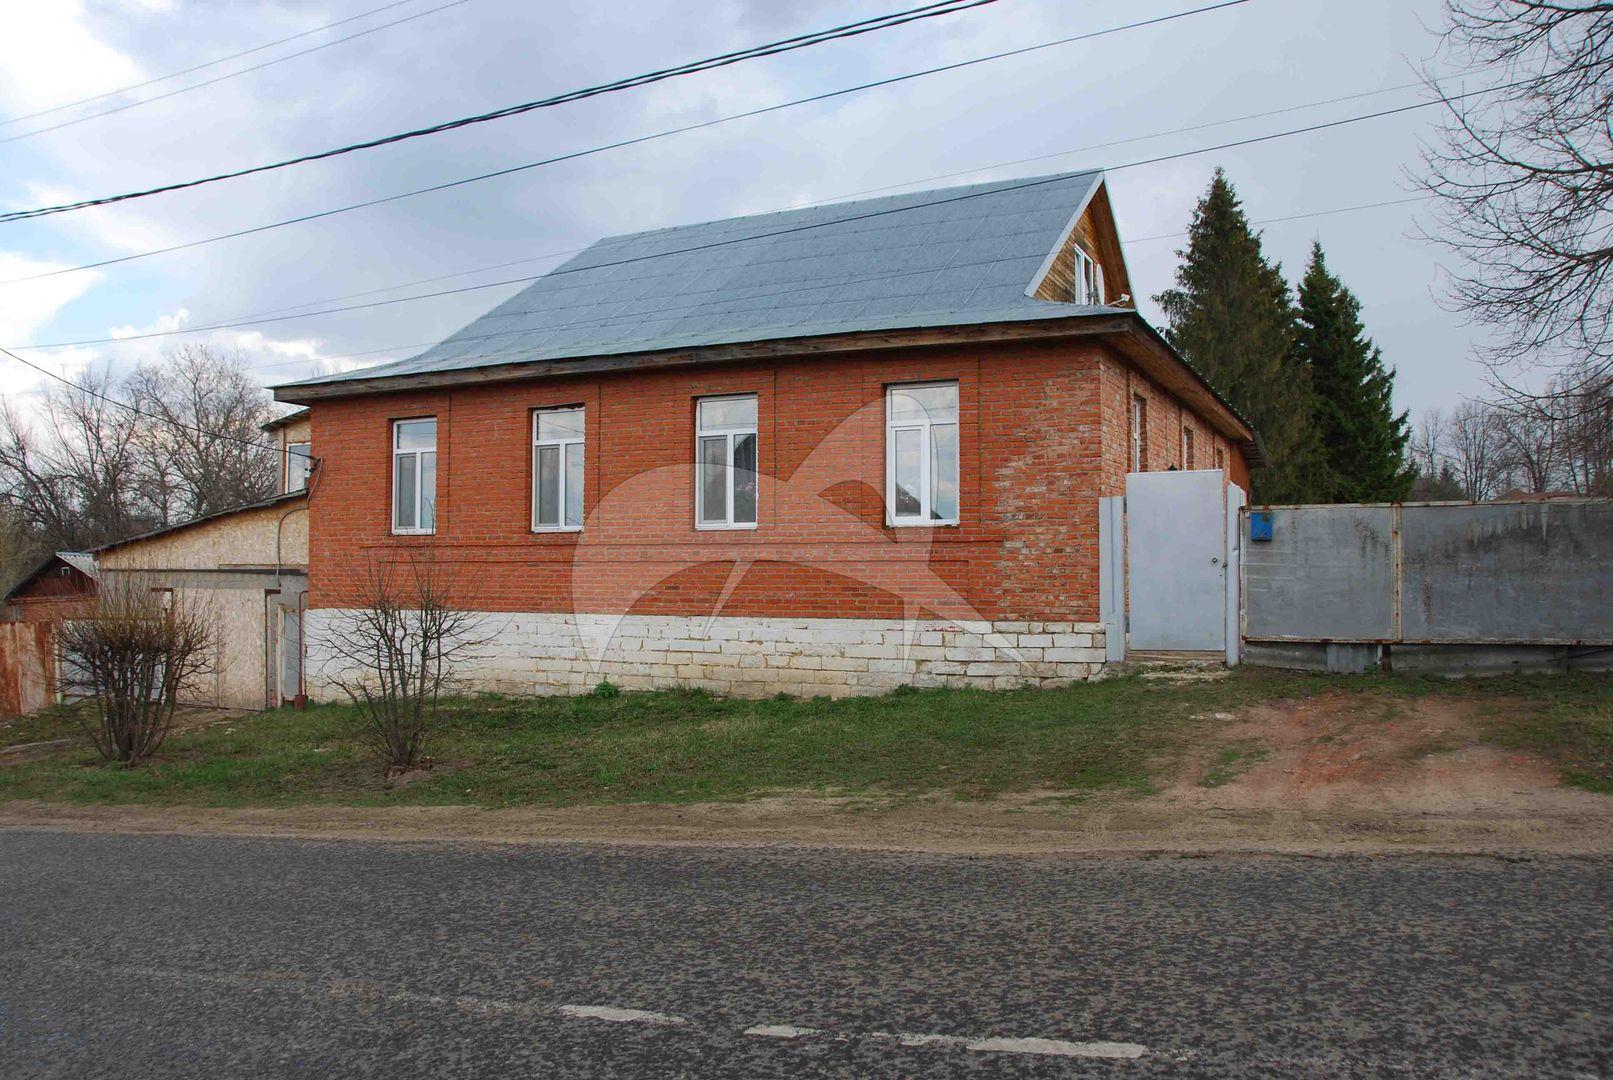 Дом жилой, перваяполовина XIX в.